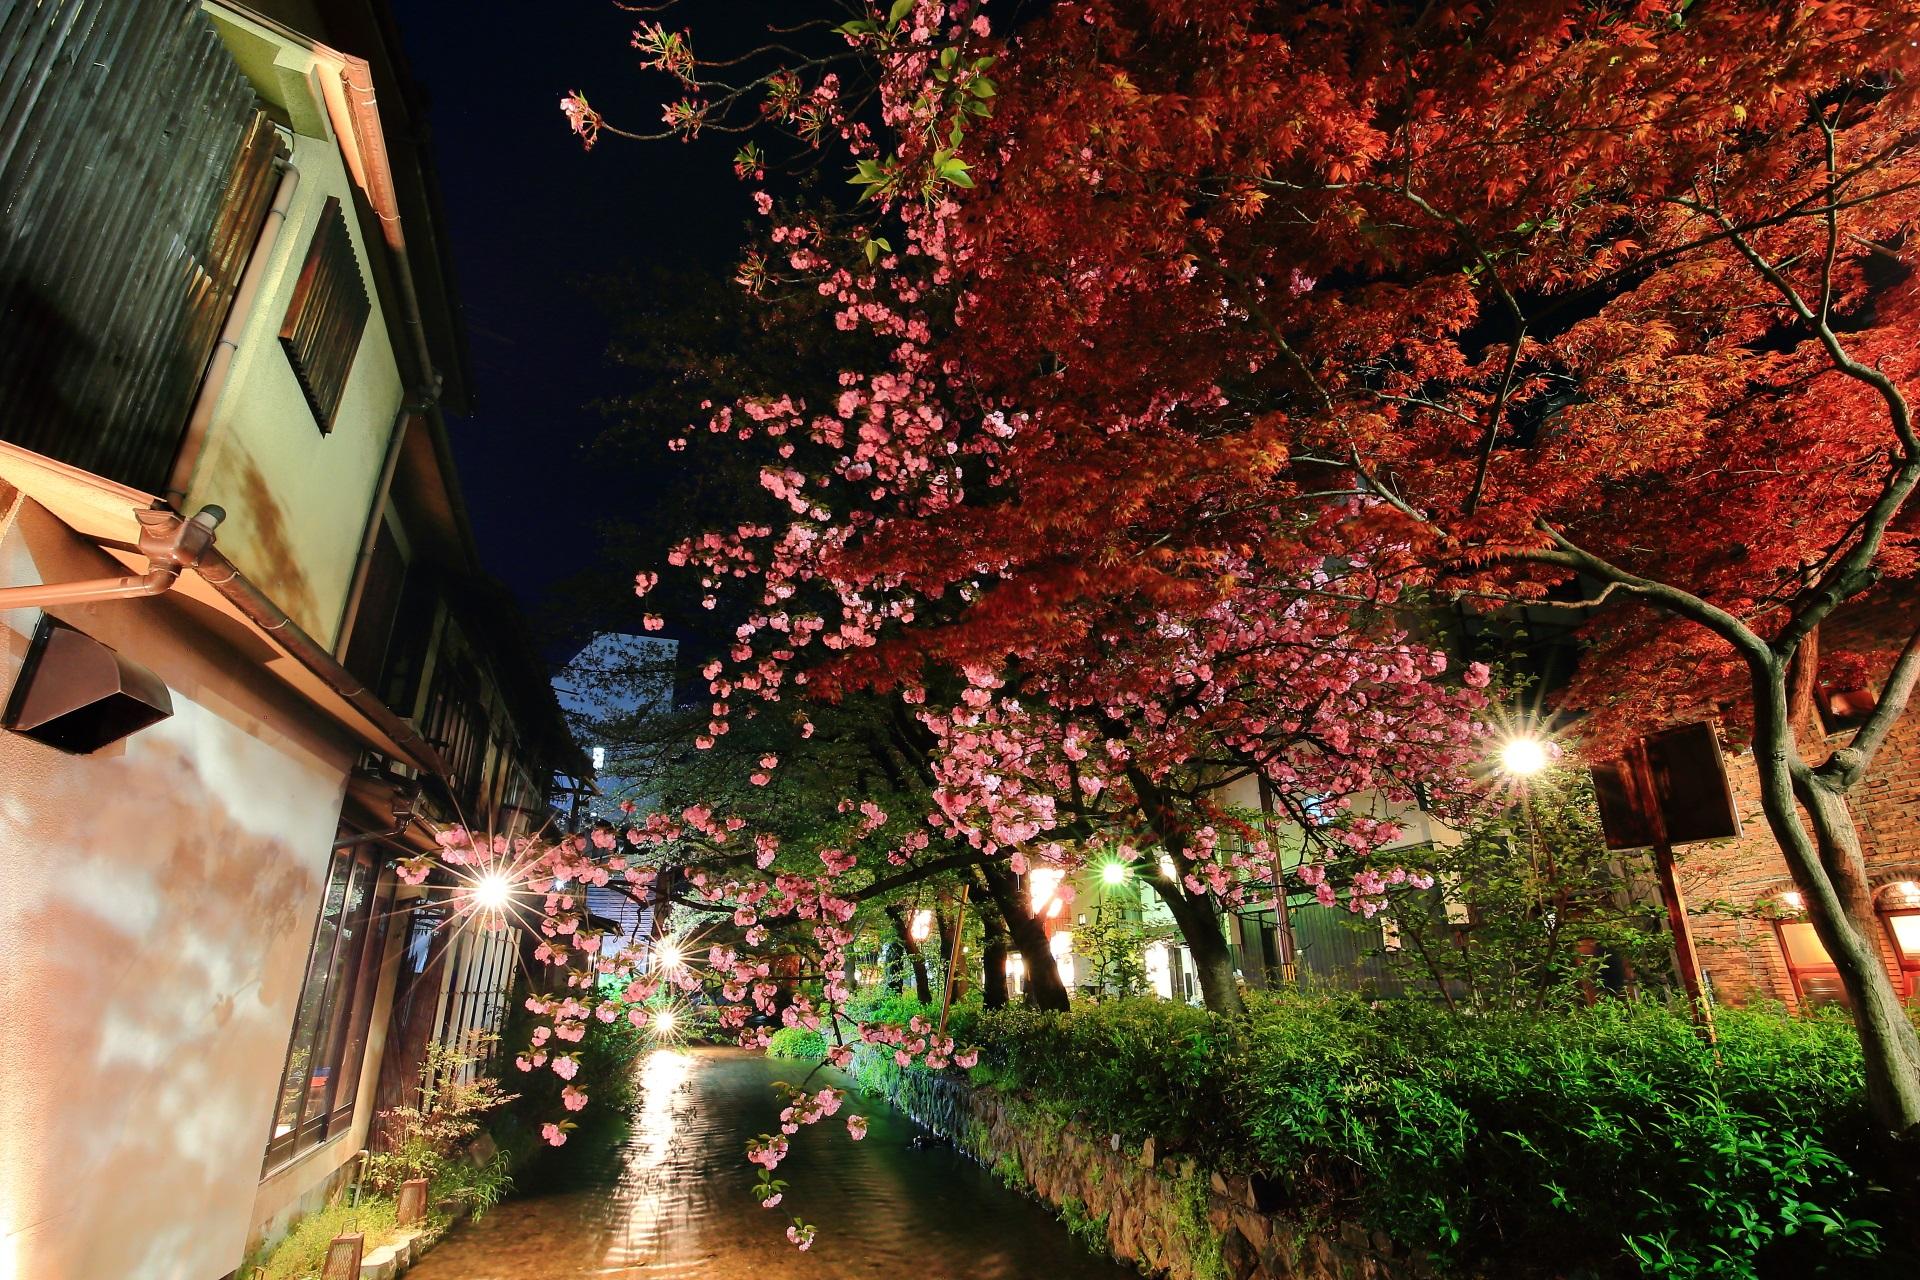 廻りの建物や街並みも雰囲気がある八重桜と紅葉